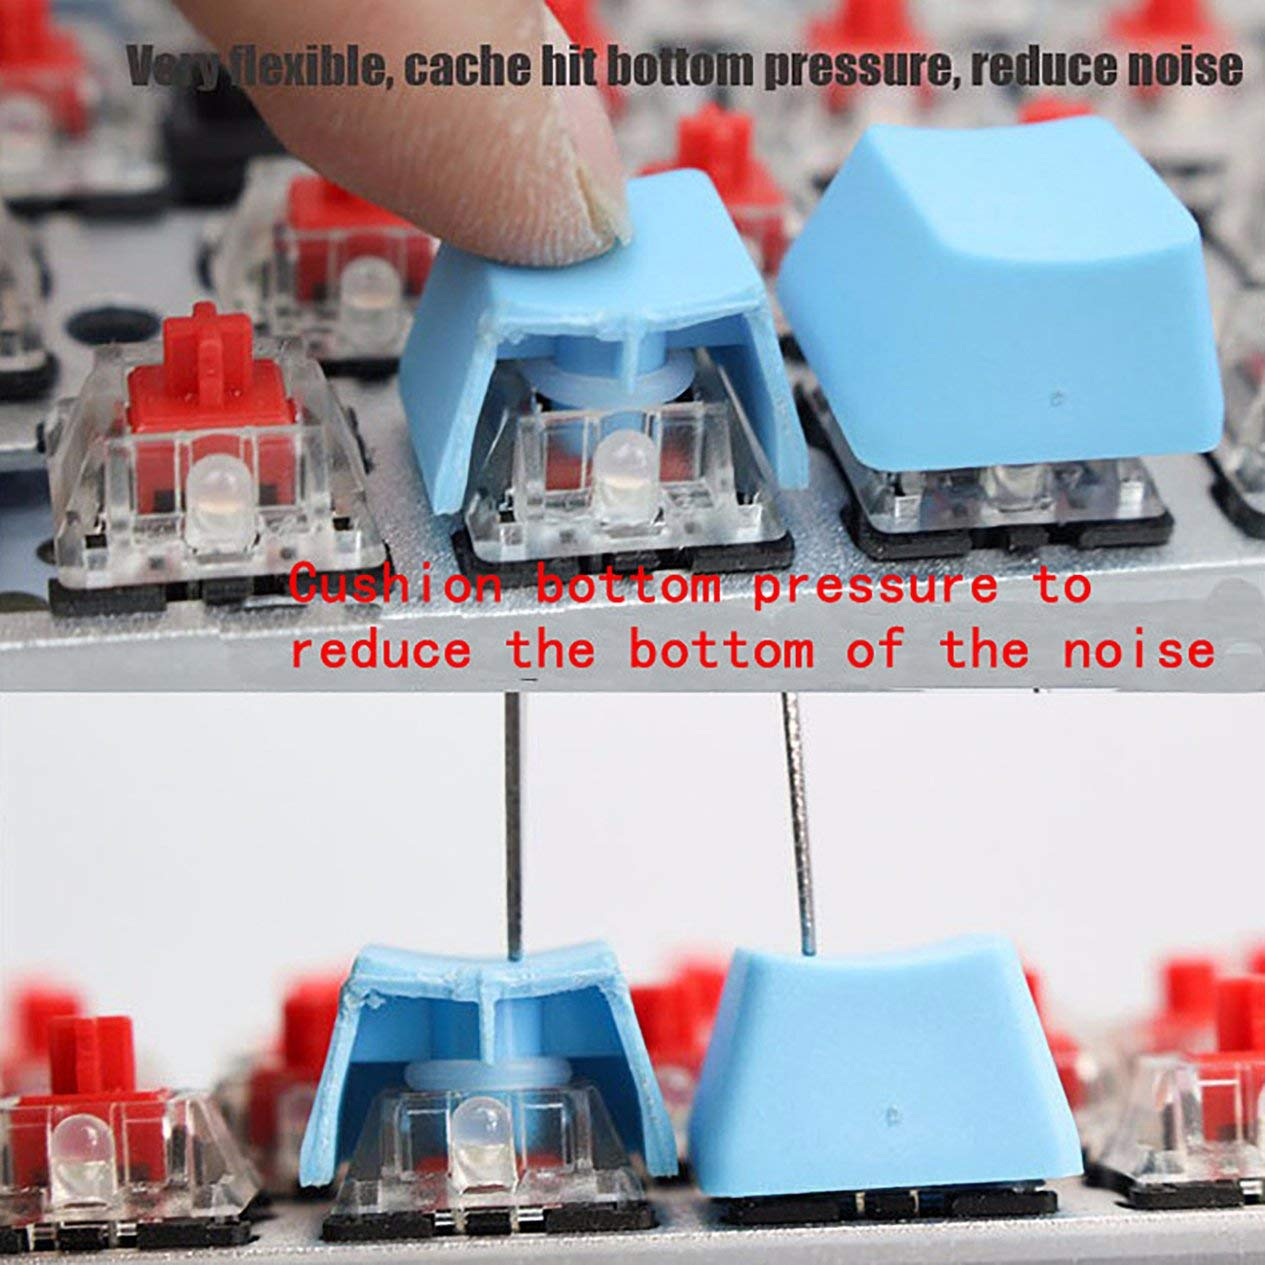 Blanco 110 Piezas Tapas de Teclas Blancas Interruptor de Goma de la Junta t/órica Amortiguadores de Sonido para Cherry MX Amortiguadores de Teclado Tapa de la Llave Junta t/órica Reemplazar